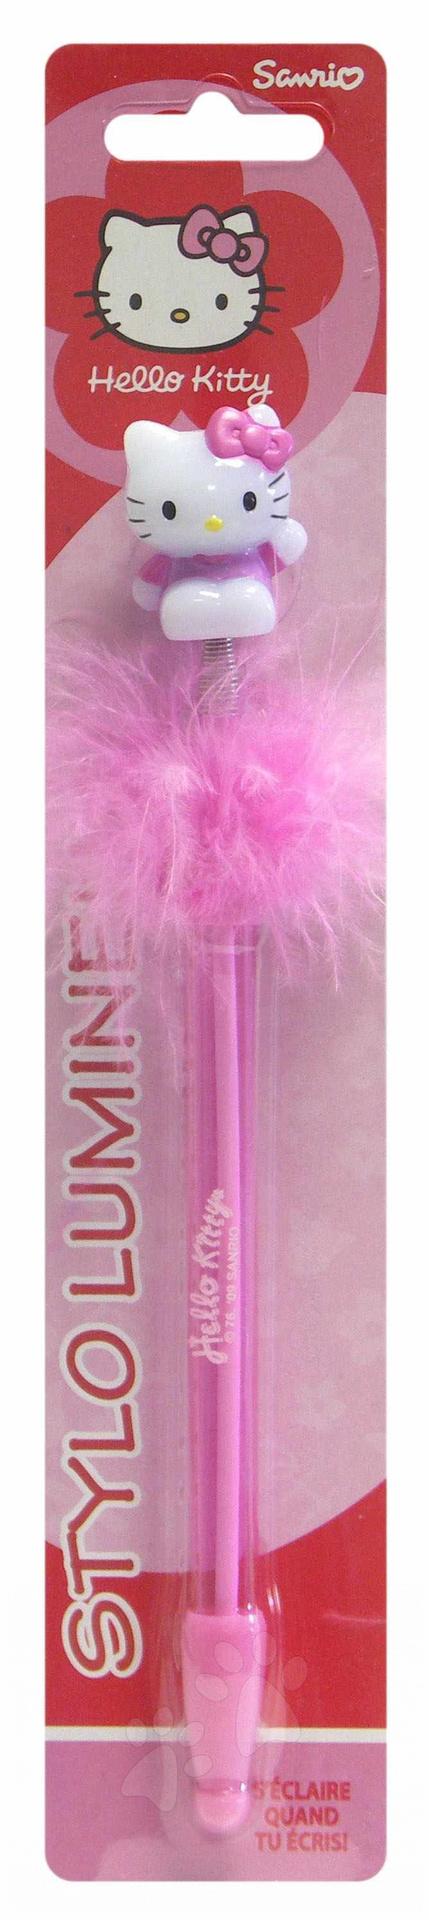 Svítící pero Hello Kitty Stylo Lumineux LPS Hasbro růžové